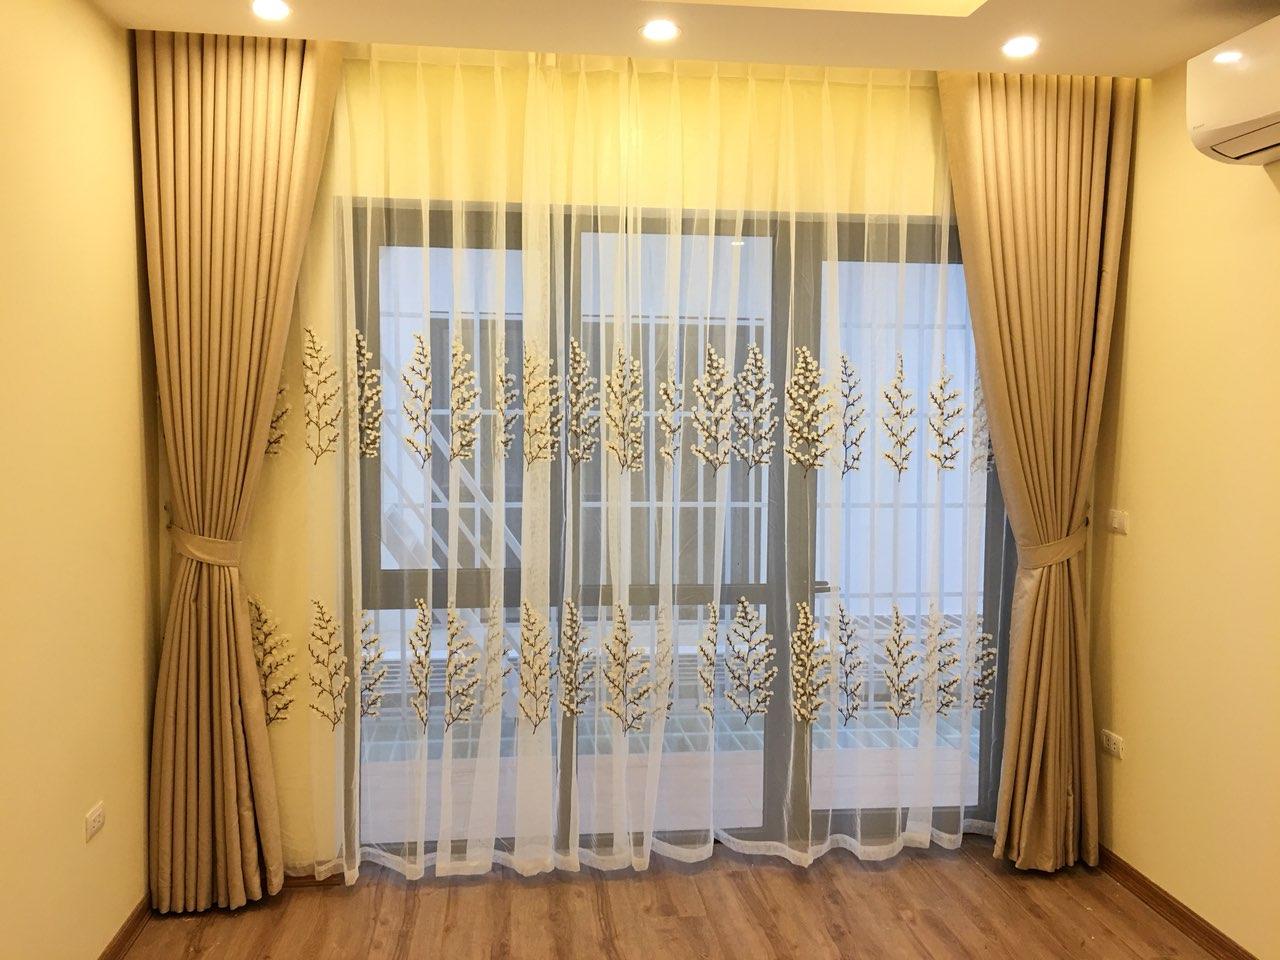 Mẫu rèm cửa chính một màu sang trọng, hiệu quả - Rèm cản sáng tốt